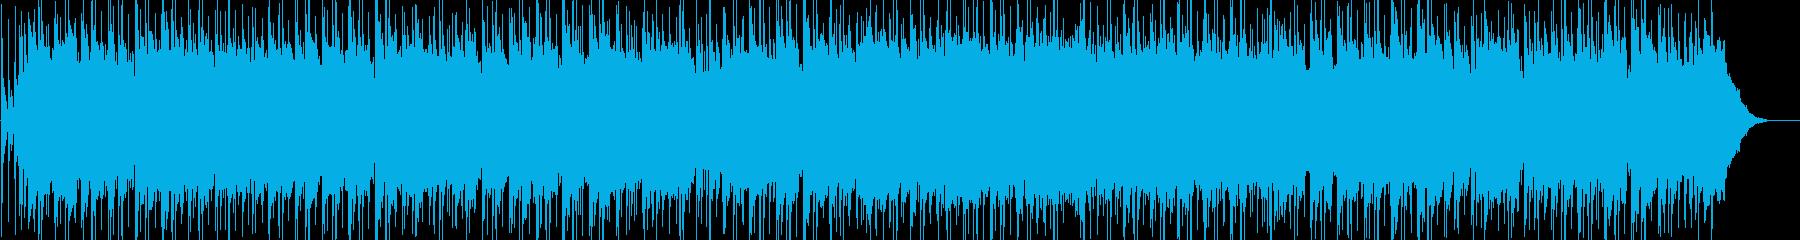 爽やかな目覚めをイメージしたフュージョンの再生済みの波形